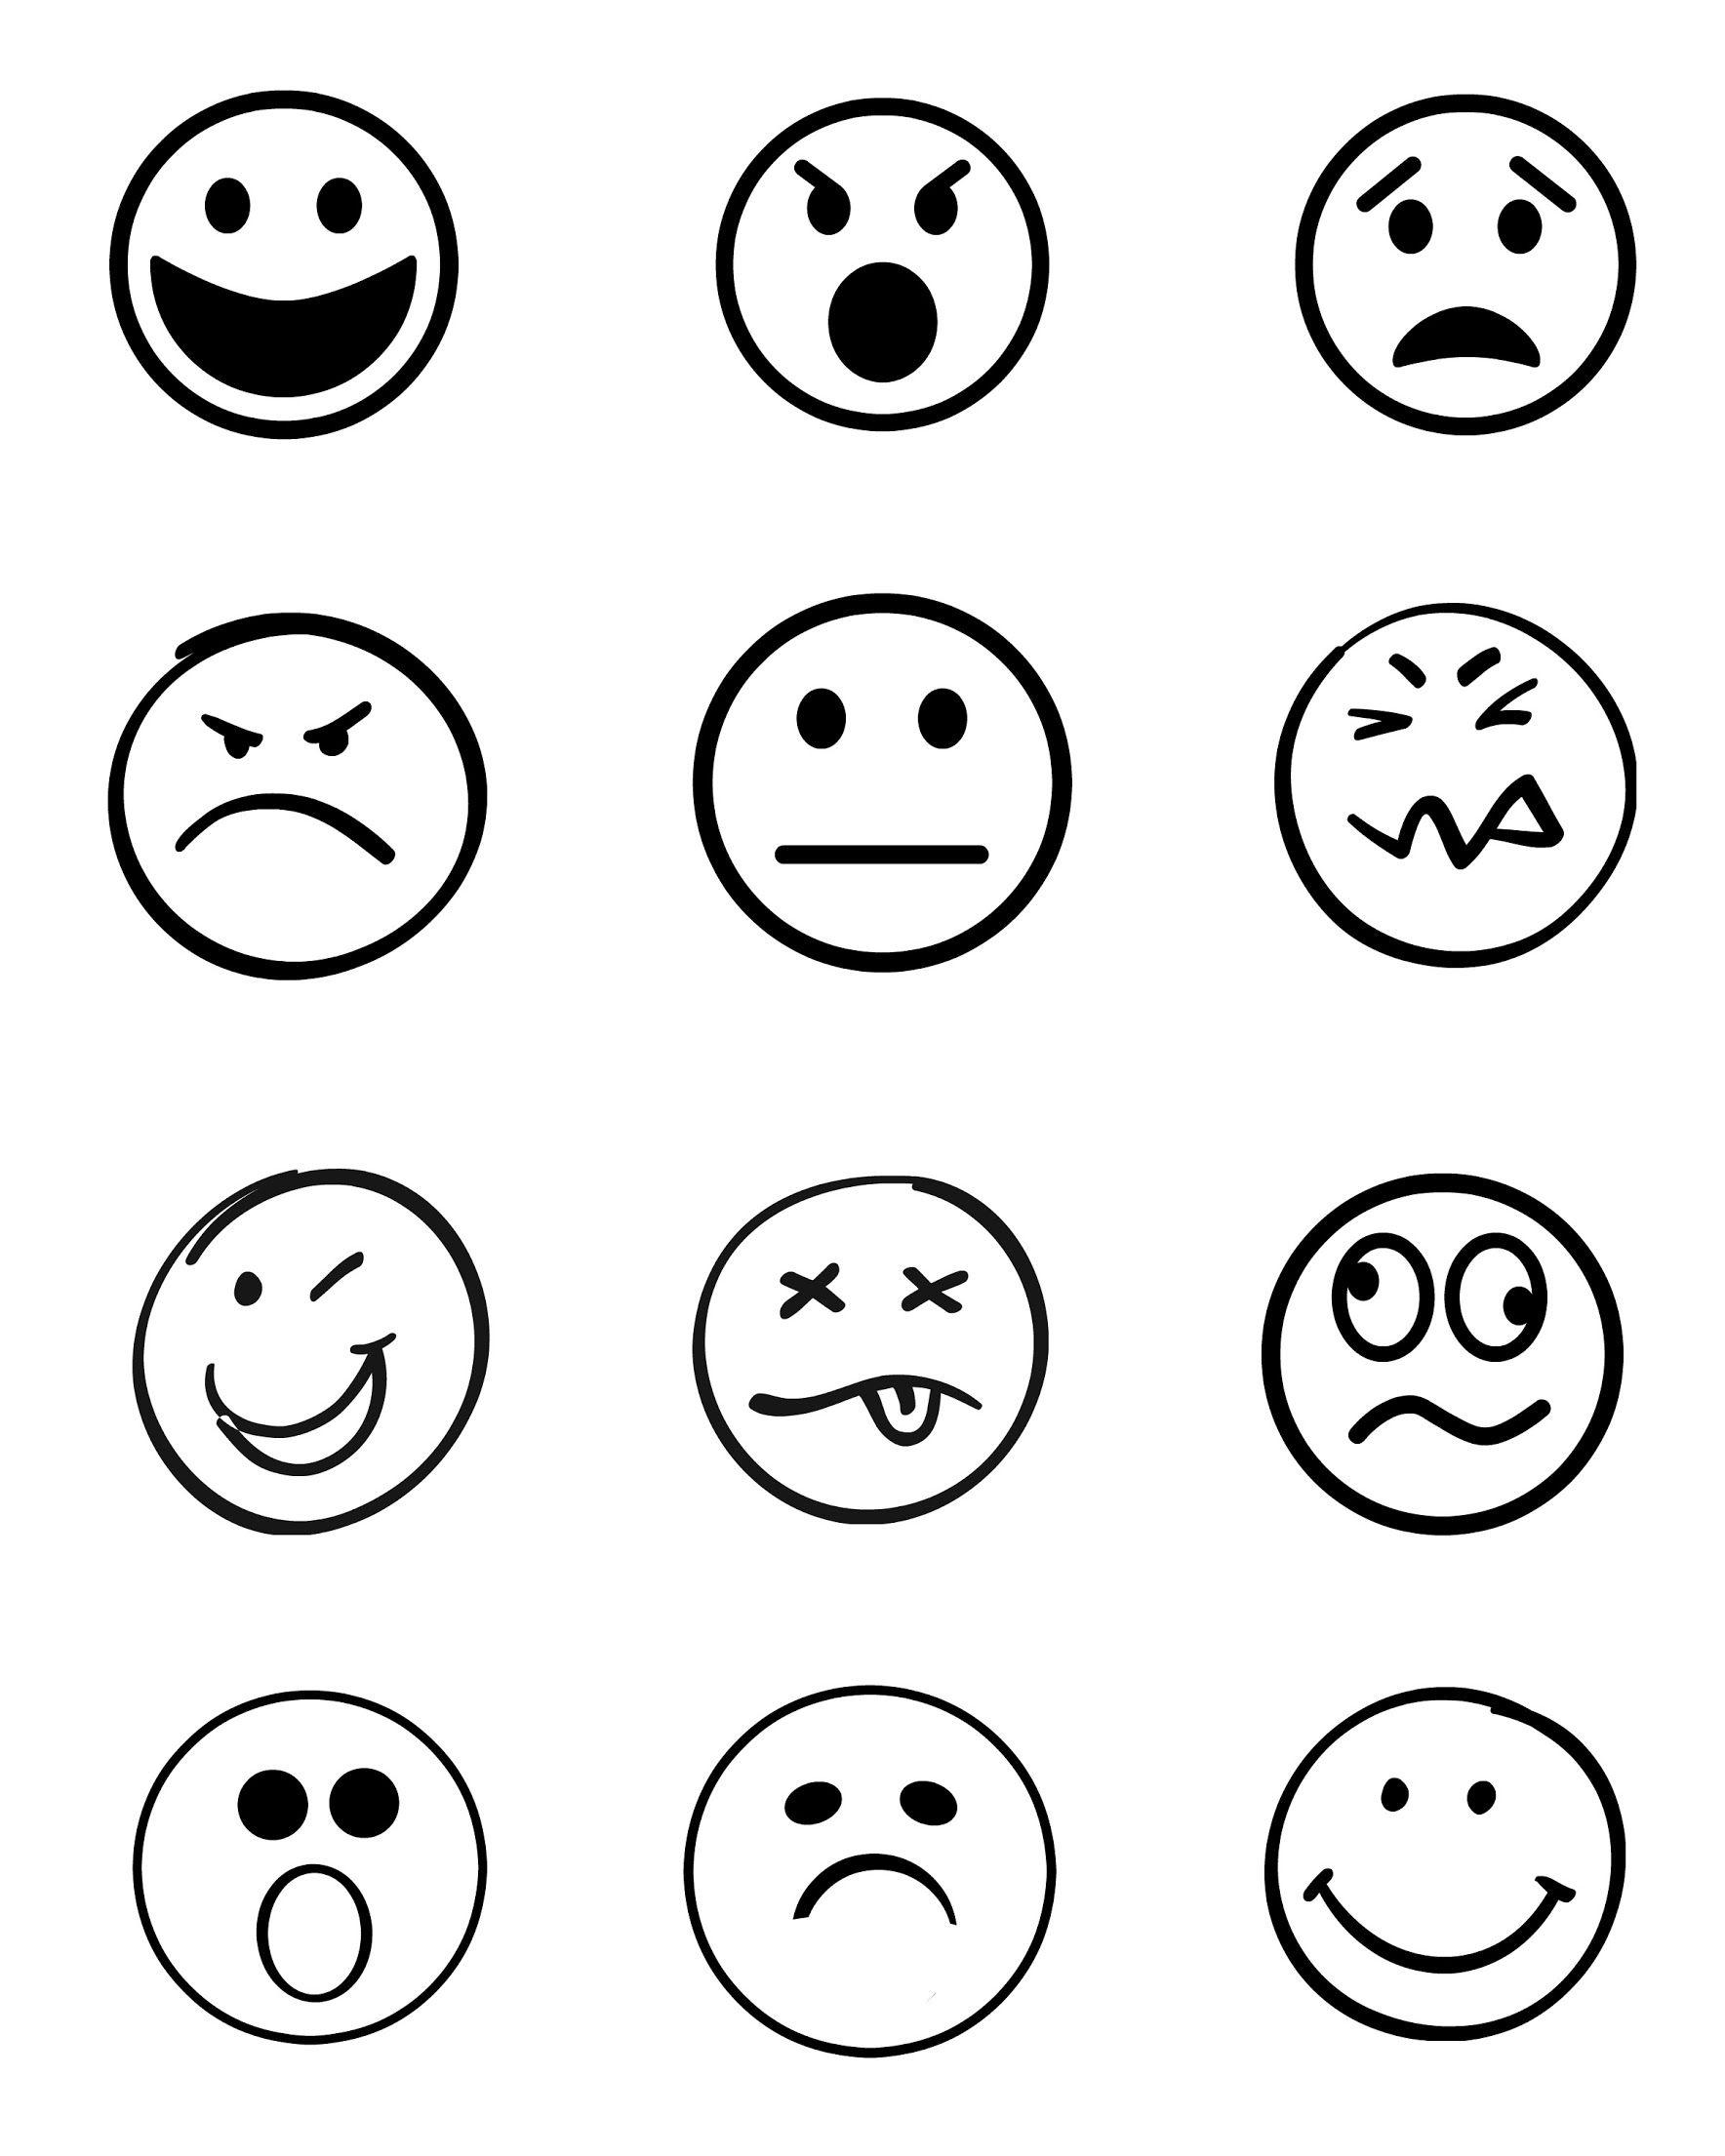 Displaying Emotions Sort Game1